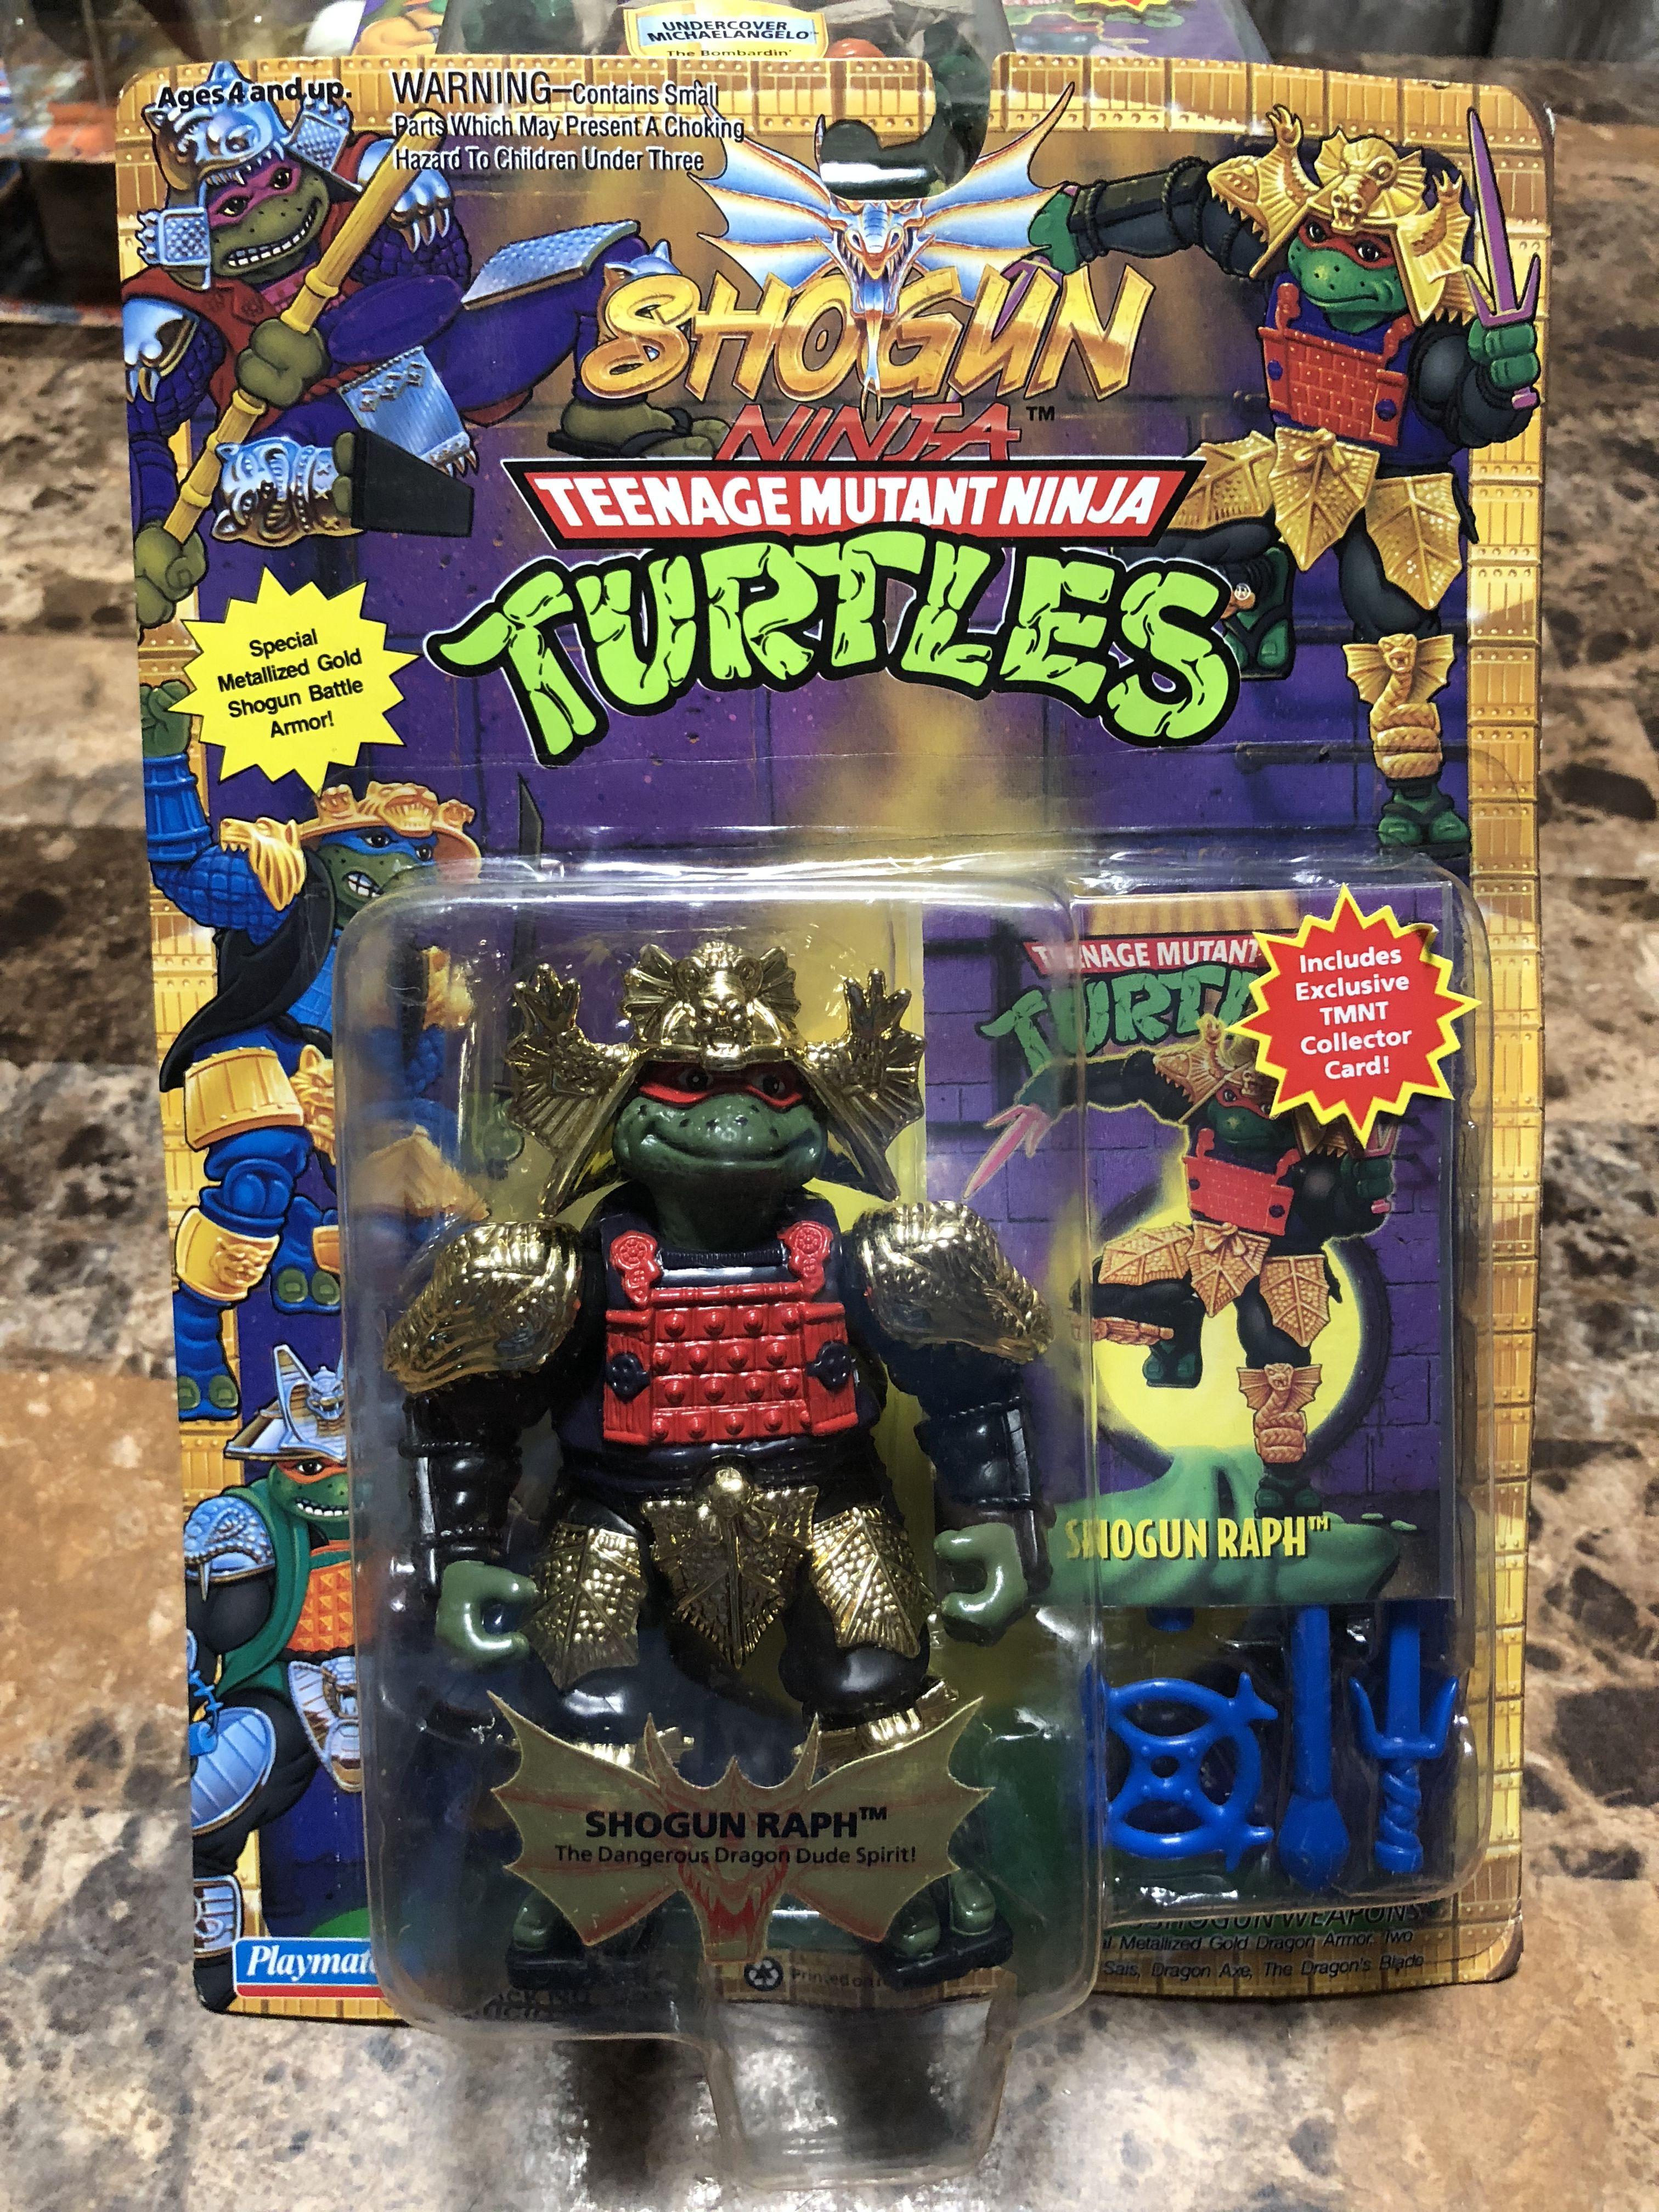 Gold Armor Shogun Raph 250 Teenage Mutant Ninja Turtles Toy Tmnt Ninja Turtle Toys